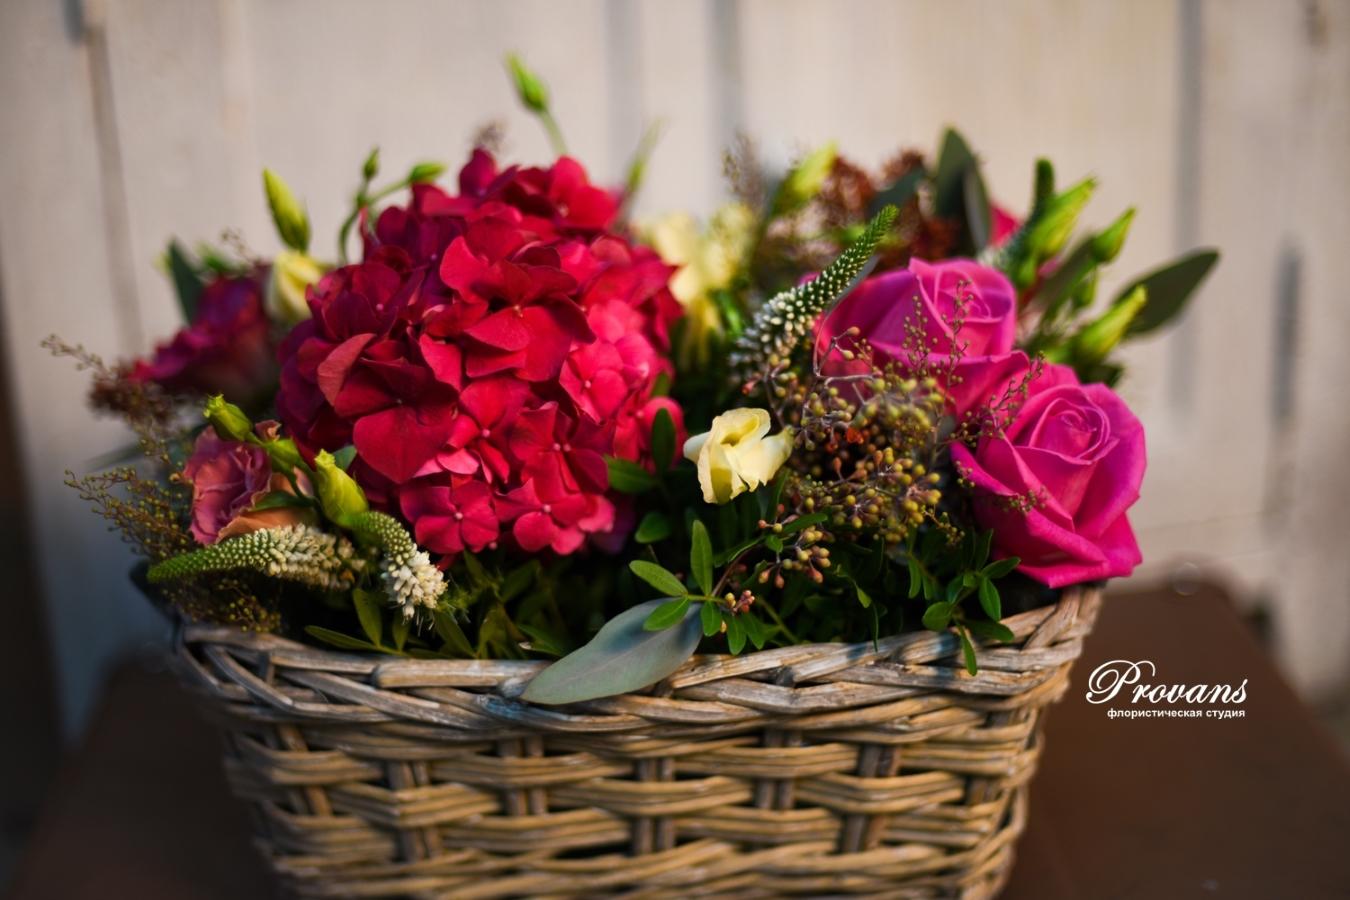 Корзина с цветами. Гортензия, розы